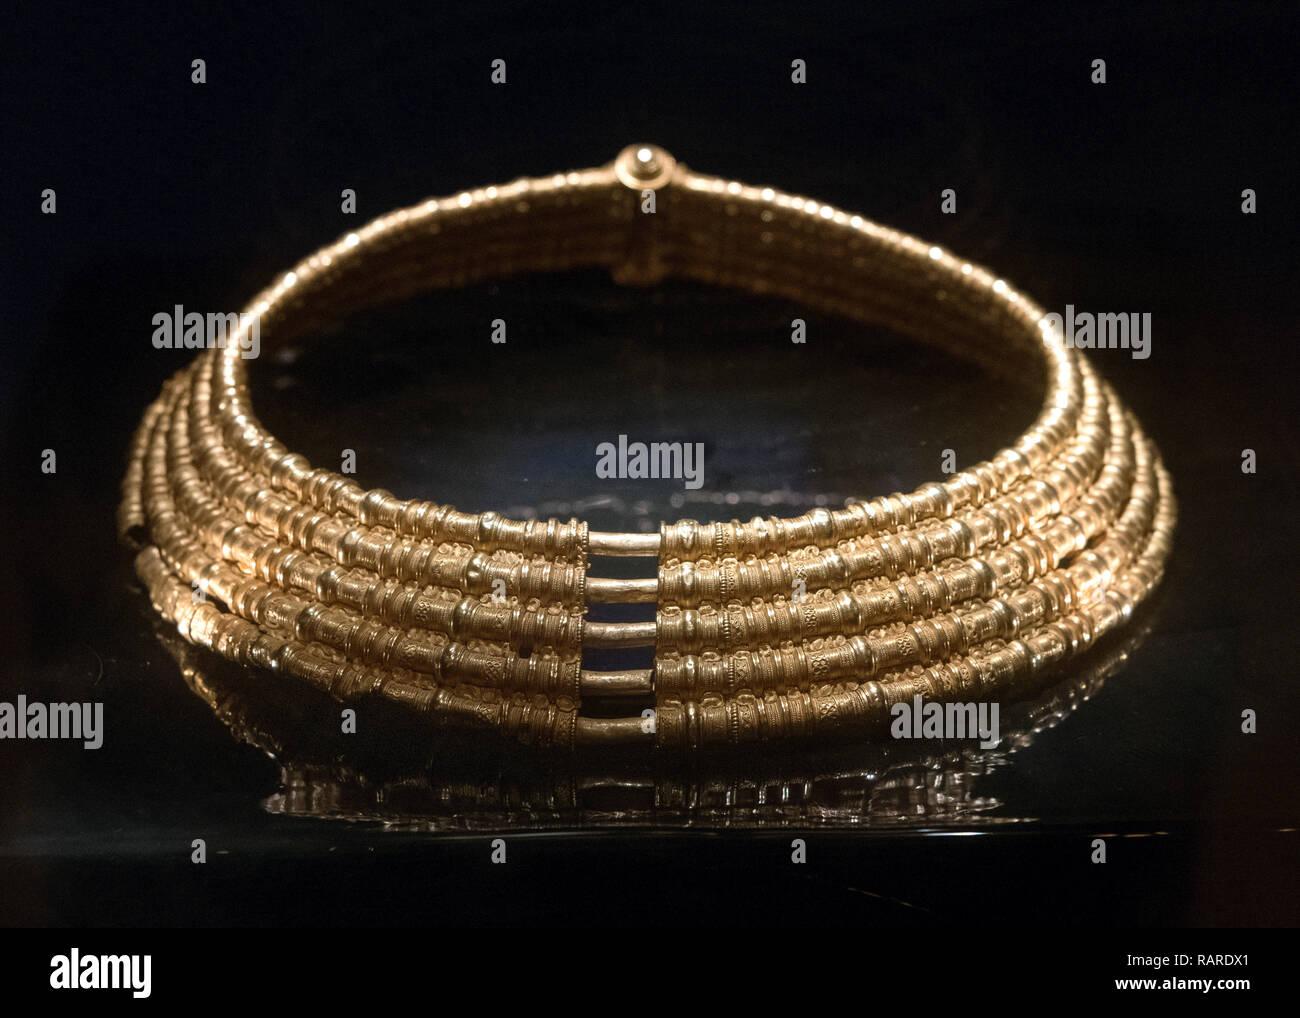 Quinto o Sesto secolo D.C. (400-550) Collare d'oro da Färjestaden (Öland), Svedese History Museum (Historiska museet), Stoccolma, Svezia Immagini Stock